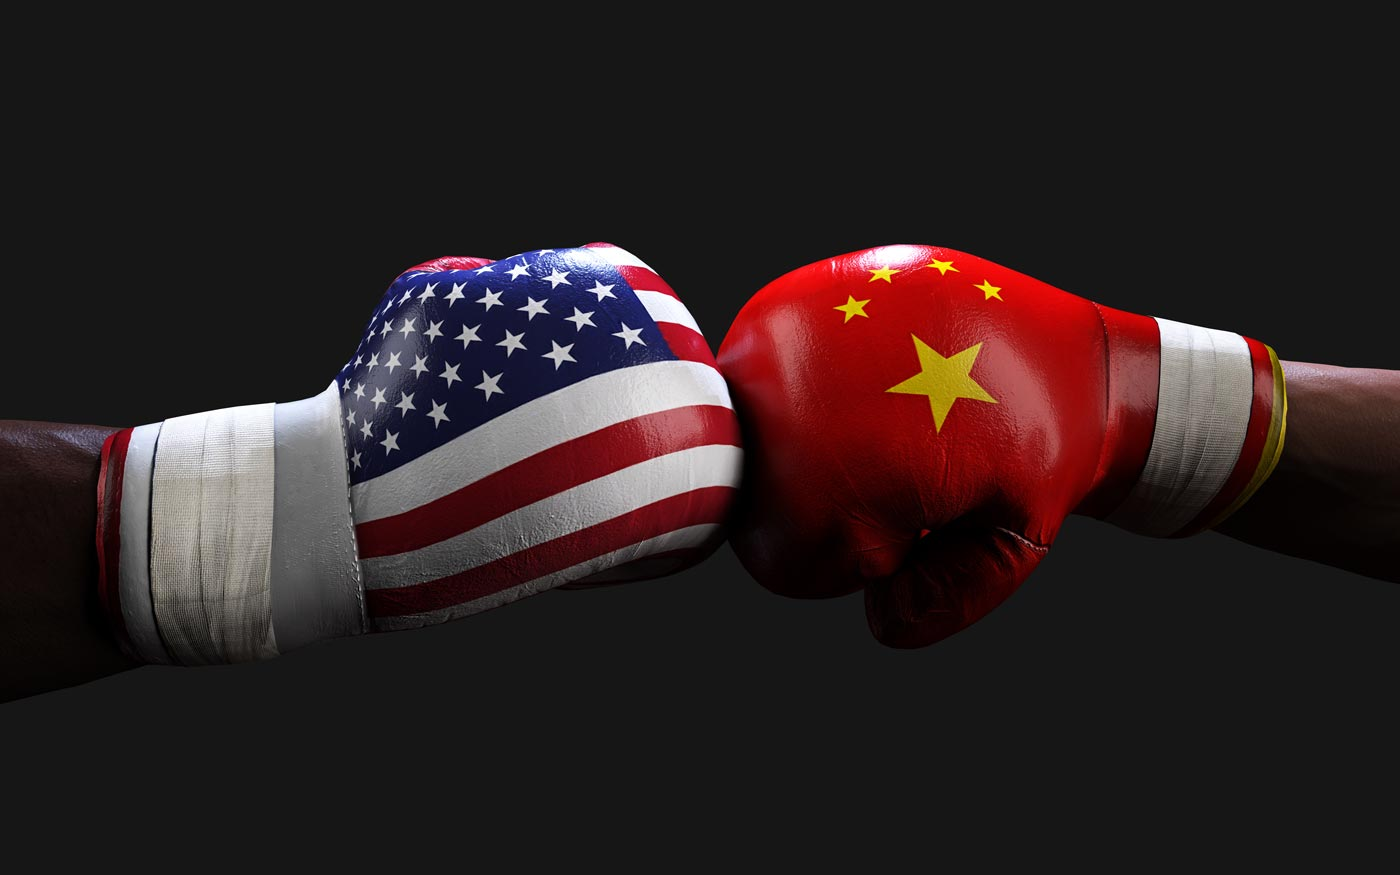 Internet : cette décision est un autre signe de la tension croissante entre les États-Unis et la Chine.